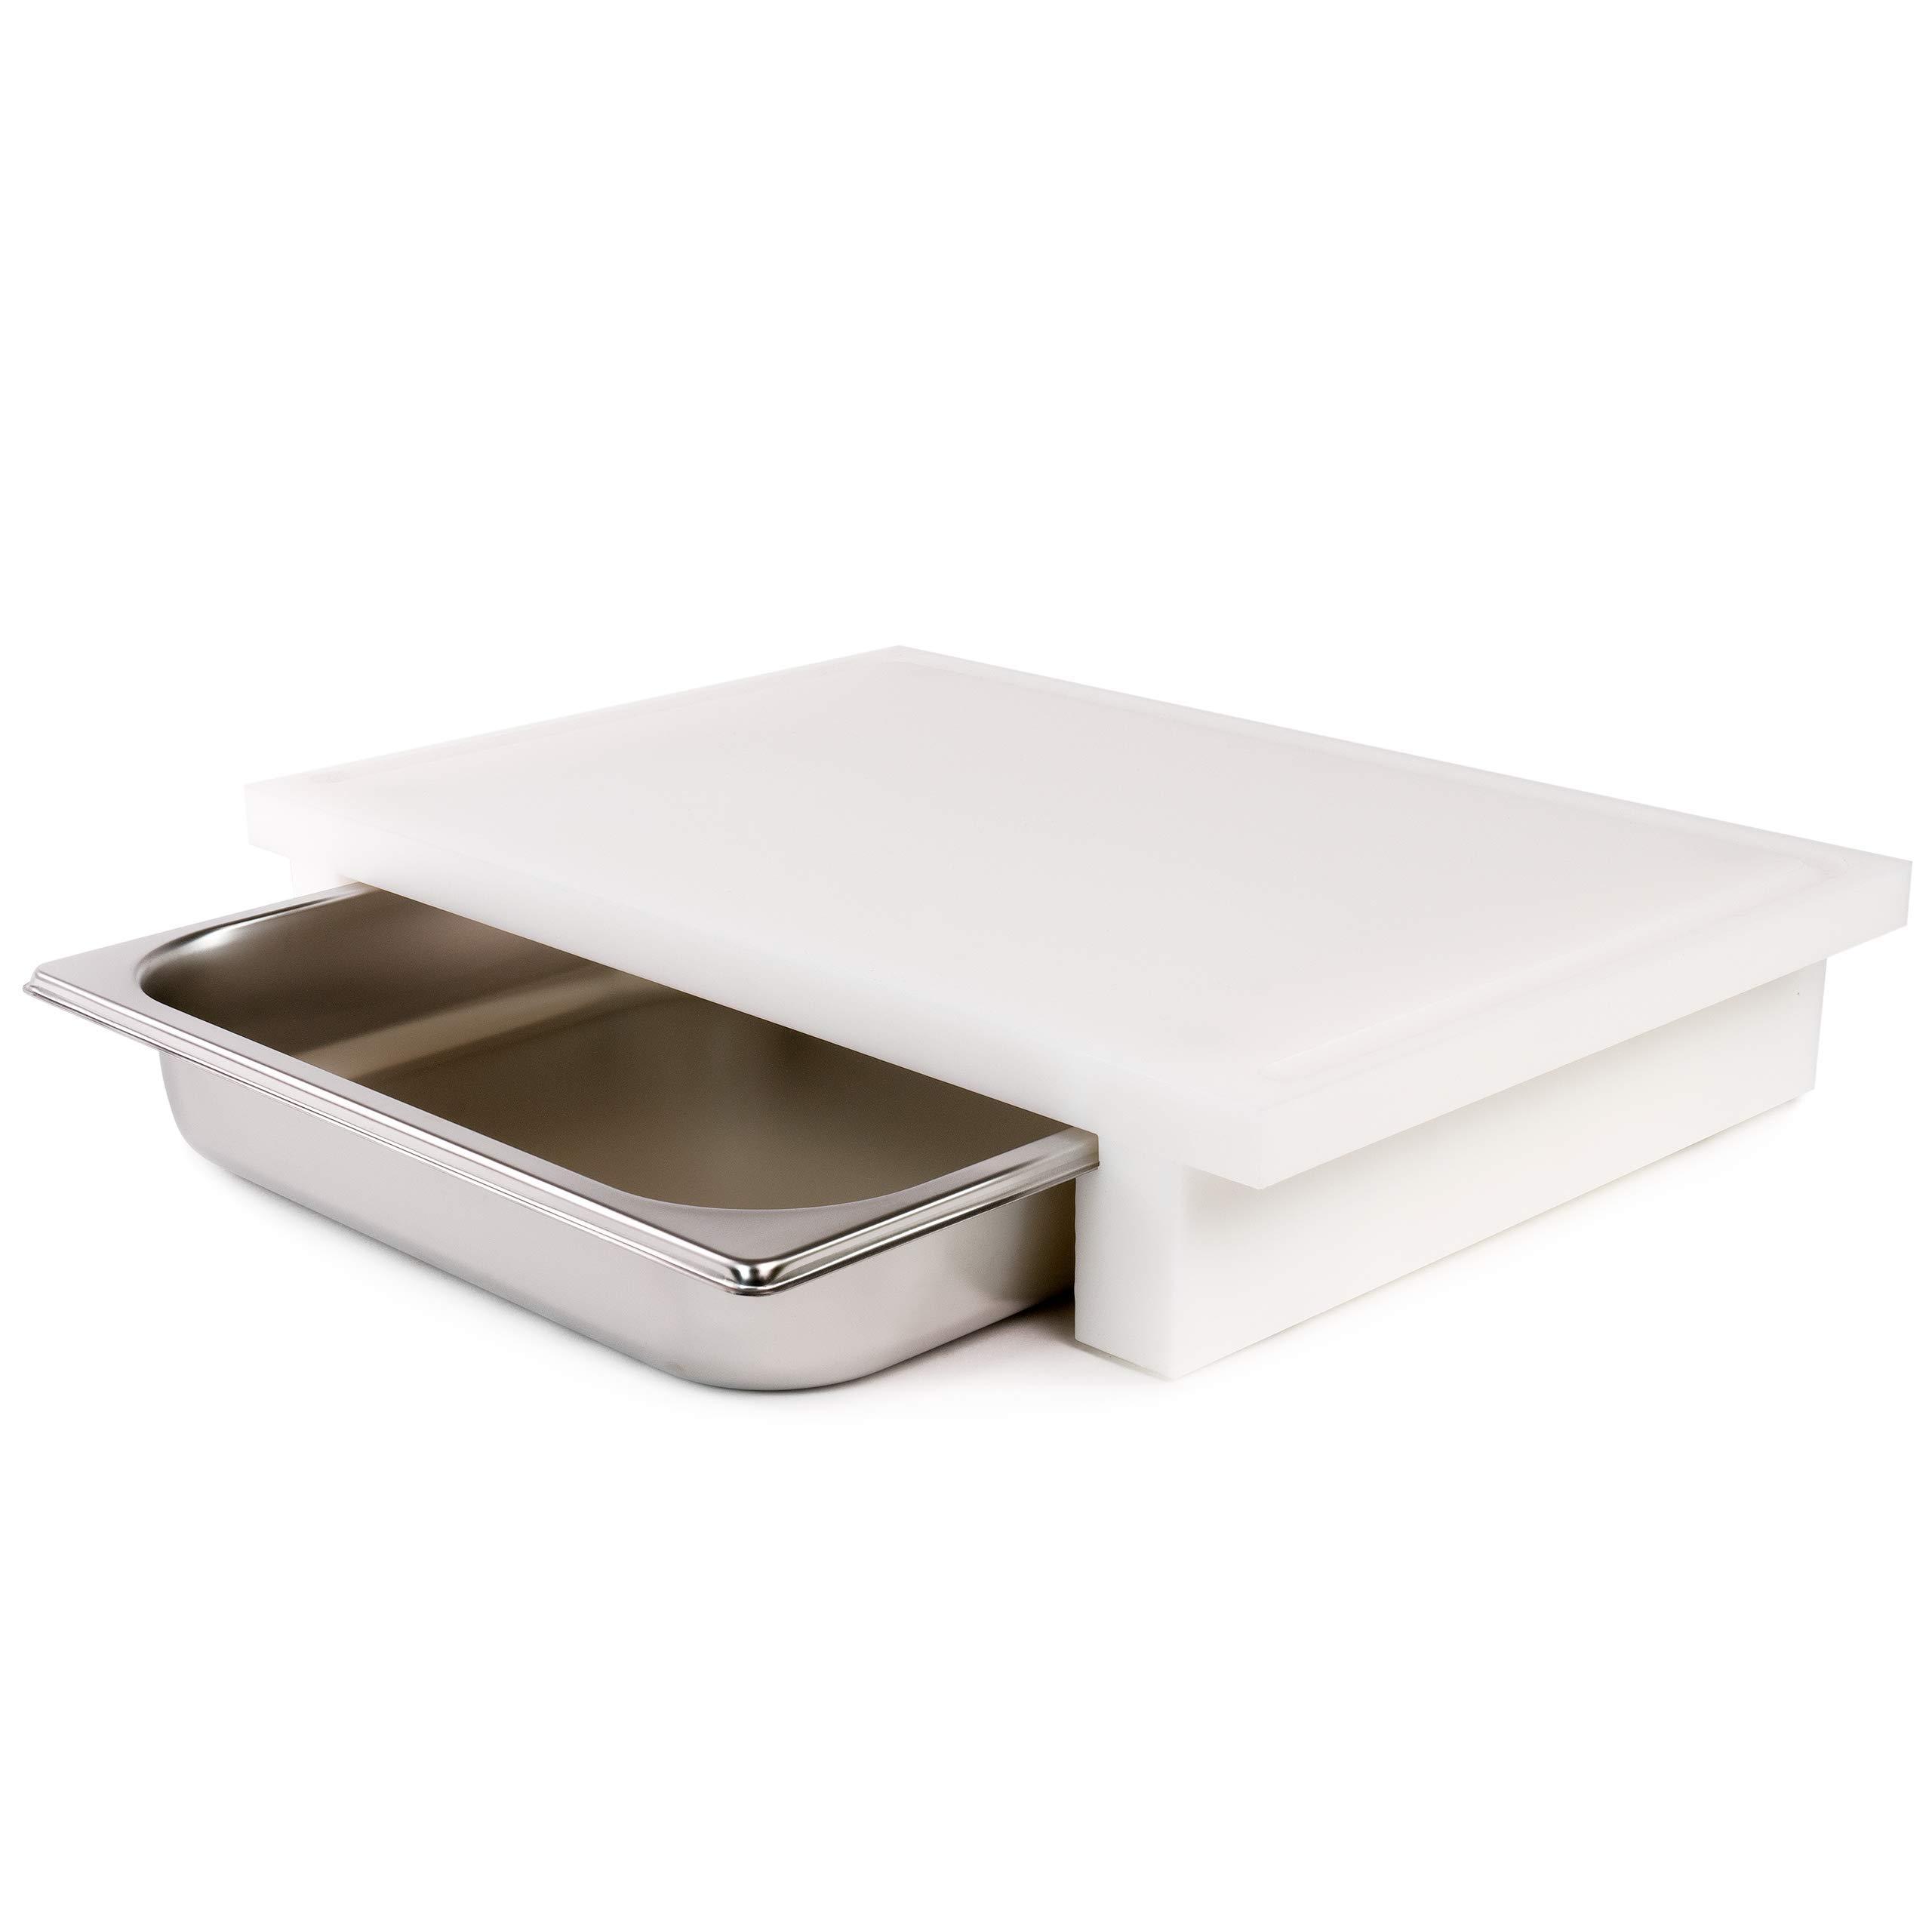 cleenbo - Tagliere da cucina professionale Gastro GN, in plastica,  antibatterico, con scanalatura di scolo, in acciaio INOX, 42 x 29 x 7,5 cm  | CasaMe